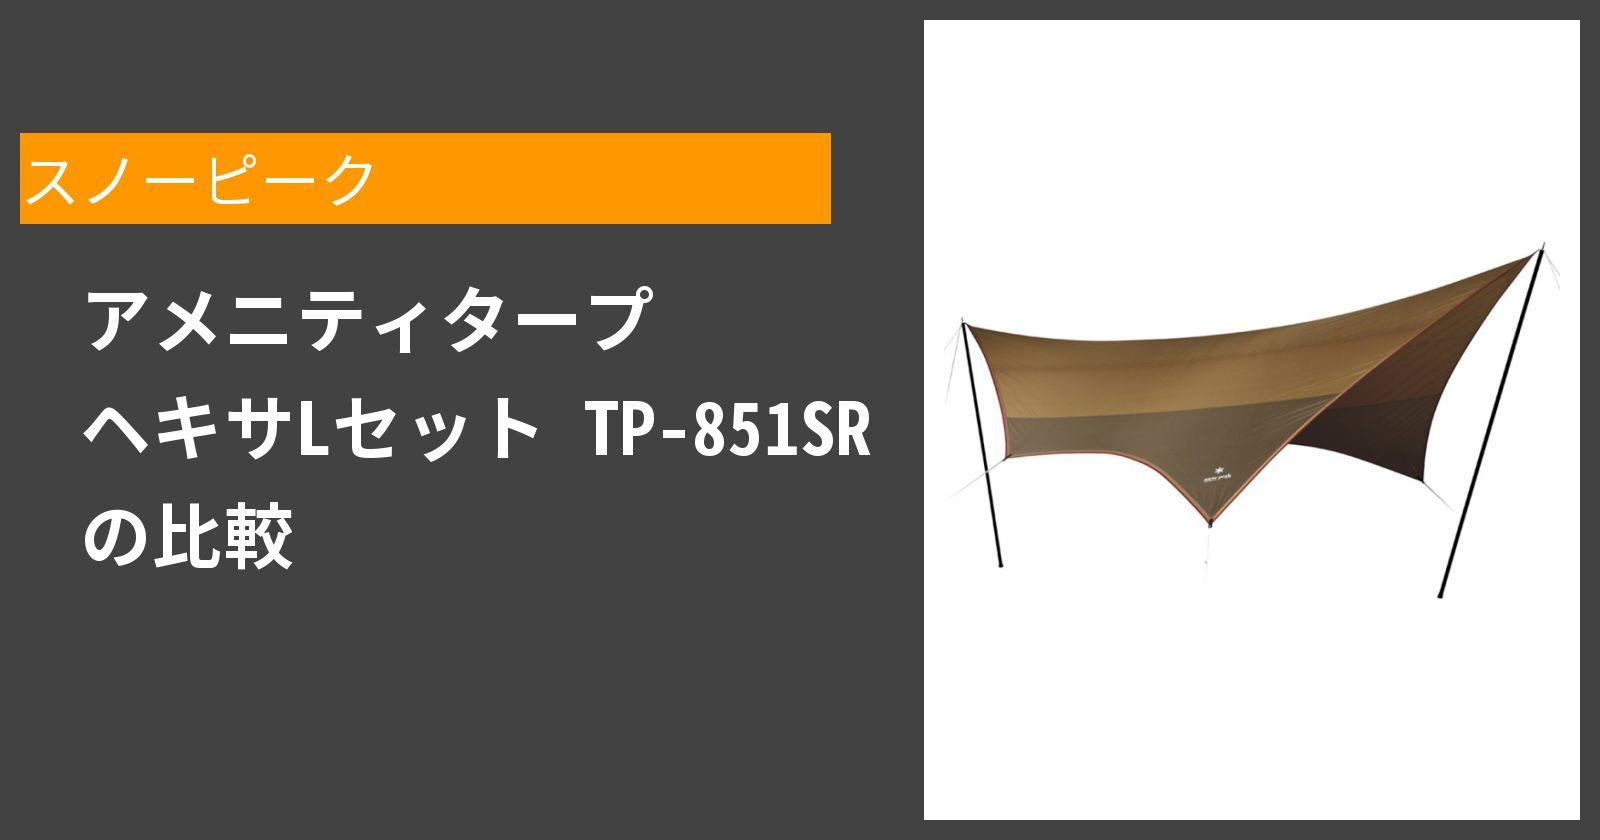 アメニティタープ ヘキサLセット TP-851SRを徹底評価